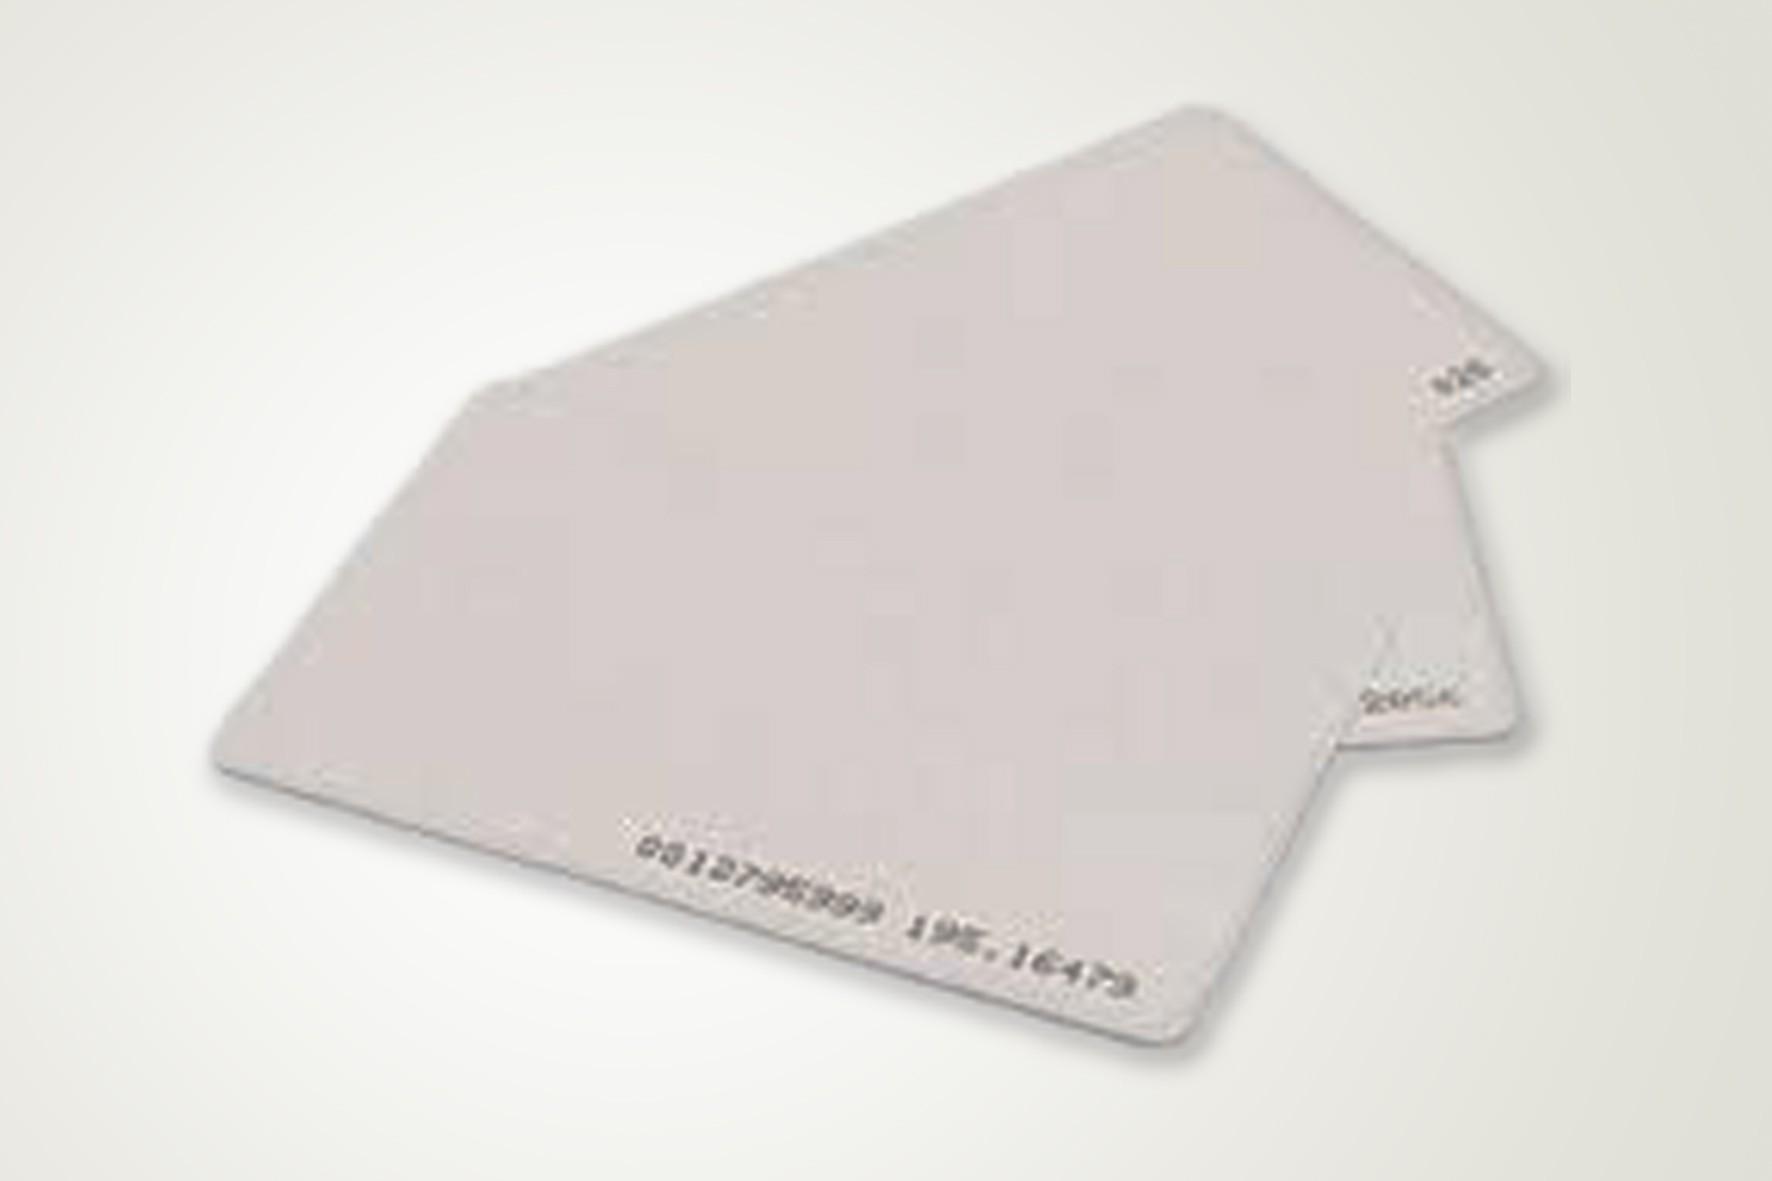 Cartões com Chip de Proximidade no Campo Belo - Cartão de Sócio